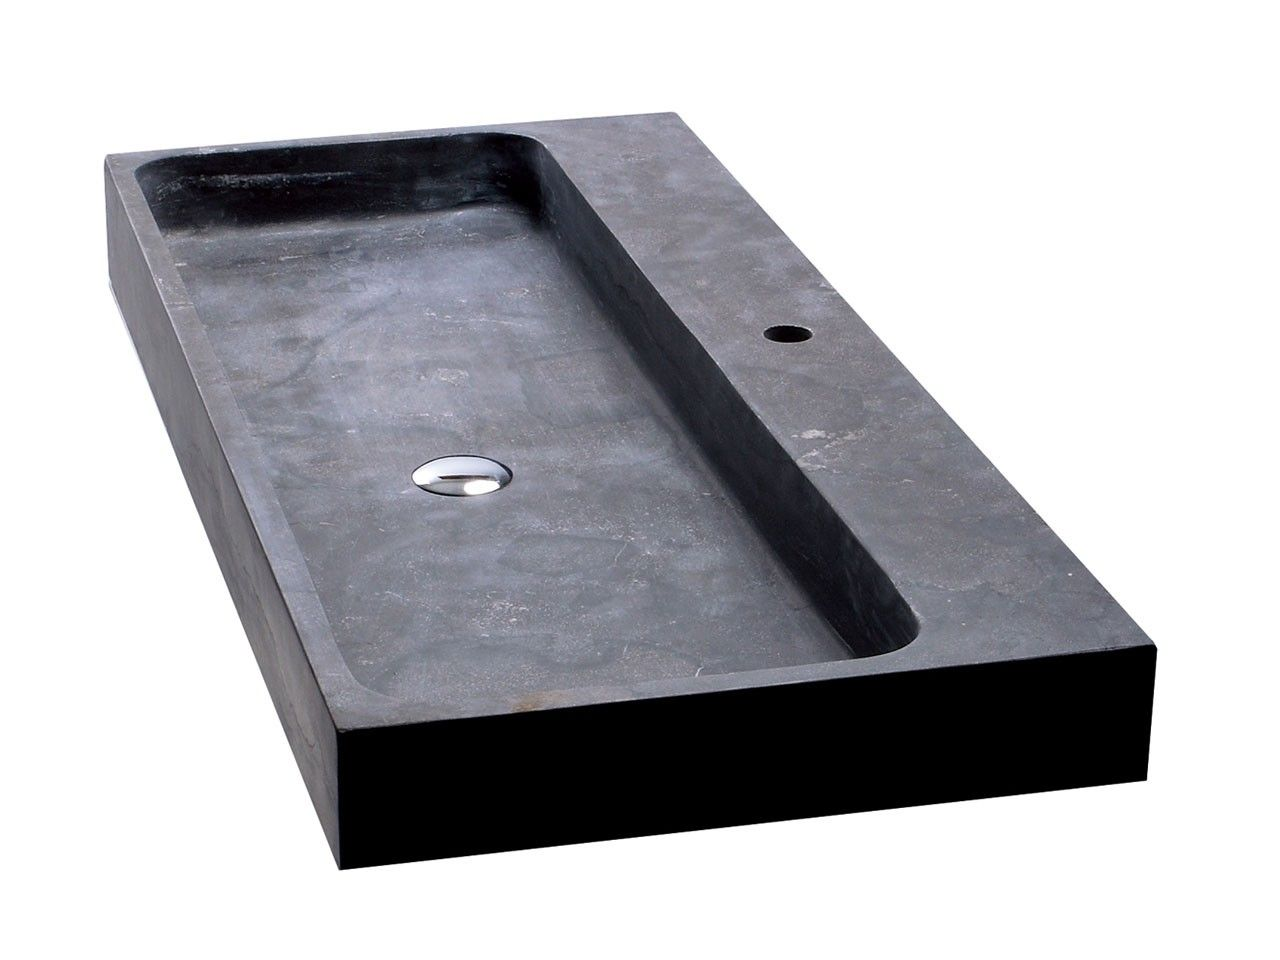 Lavabo purestone recife 100x49xh10 nero iperceramica for Doccia iperceramica